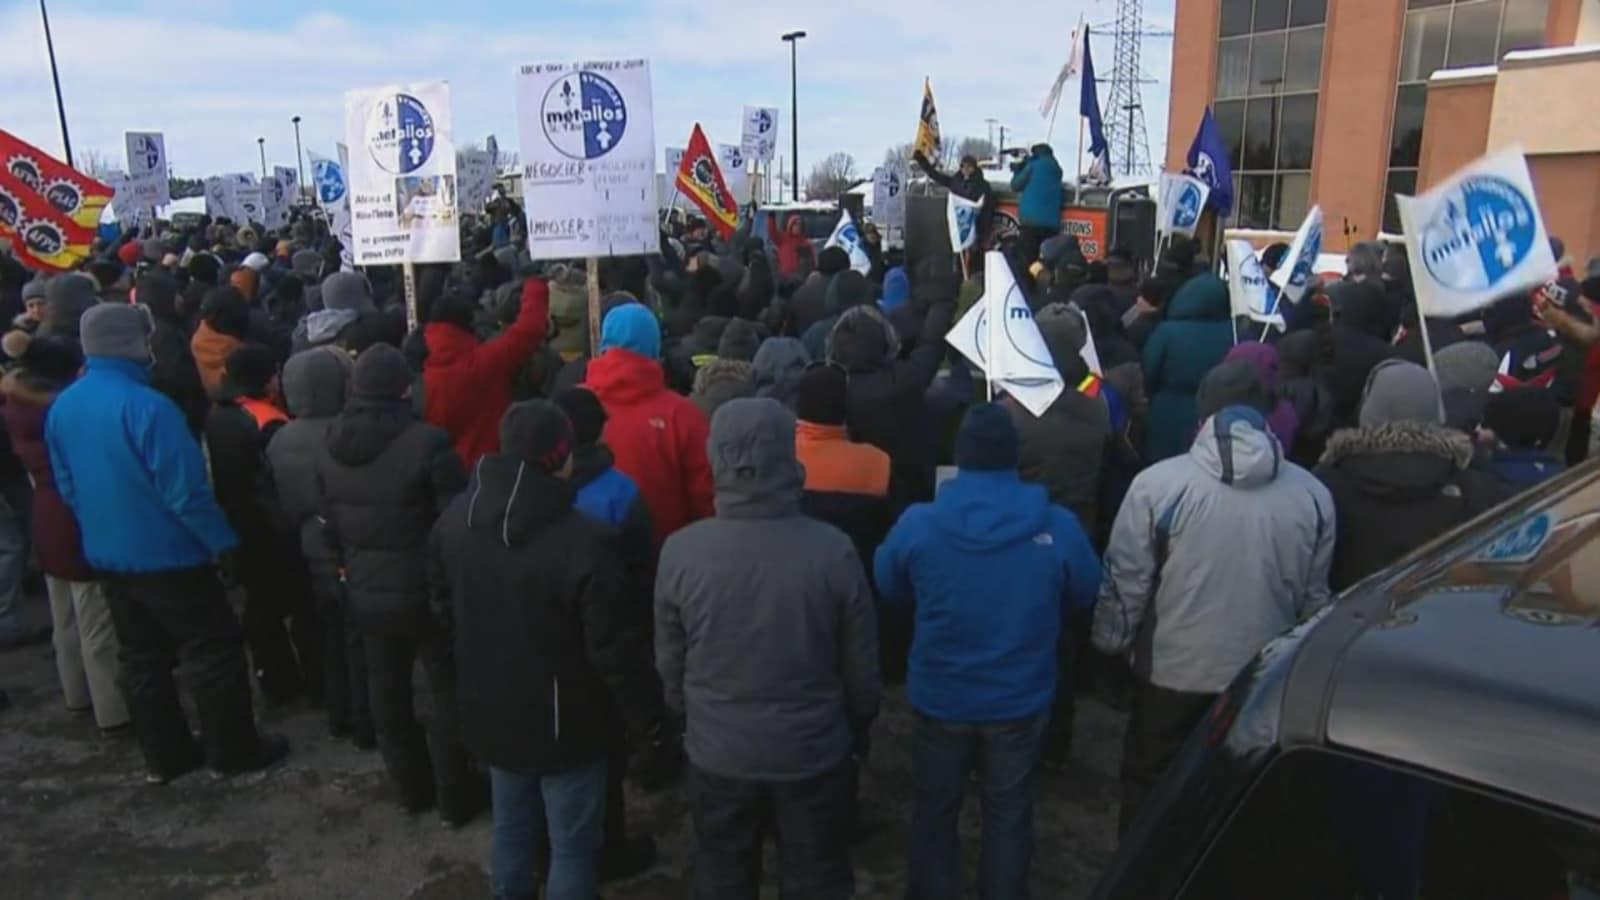 Des manifestants tiennent des pancartes alors qu'un homme s'adresse à eux en levant le poing.